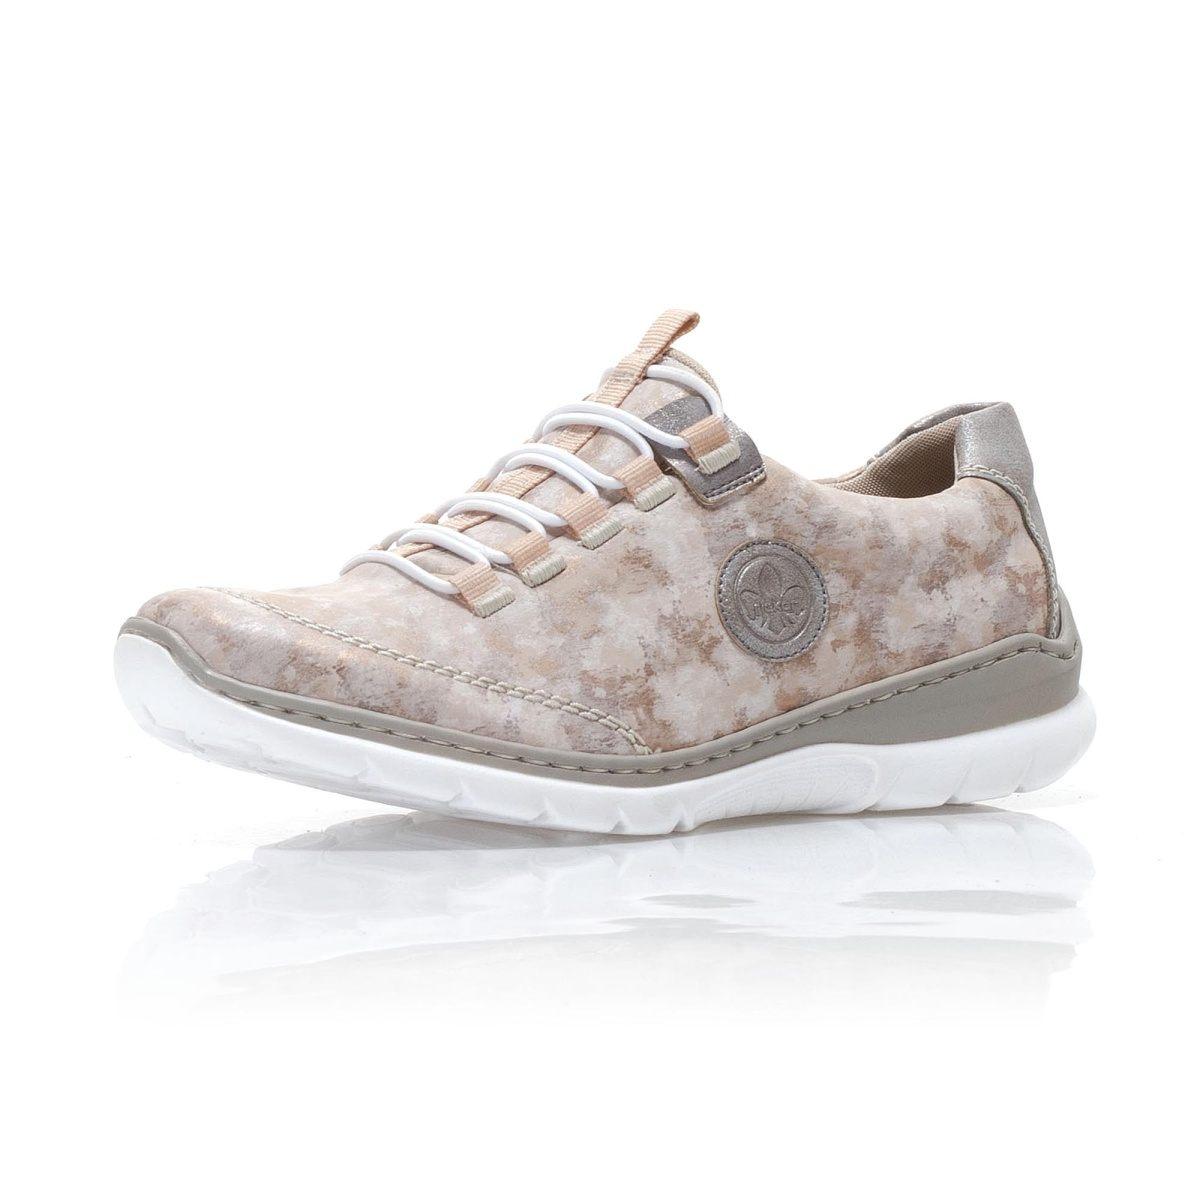 f9d023c5f3f5 detail Dámska obuv RIEKER br L3253-31 ROSA F S 9